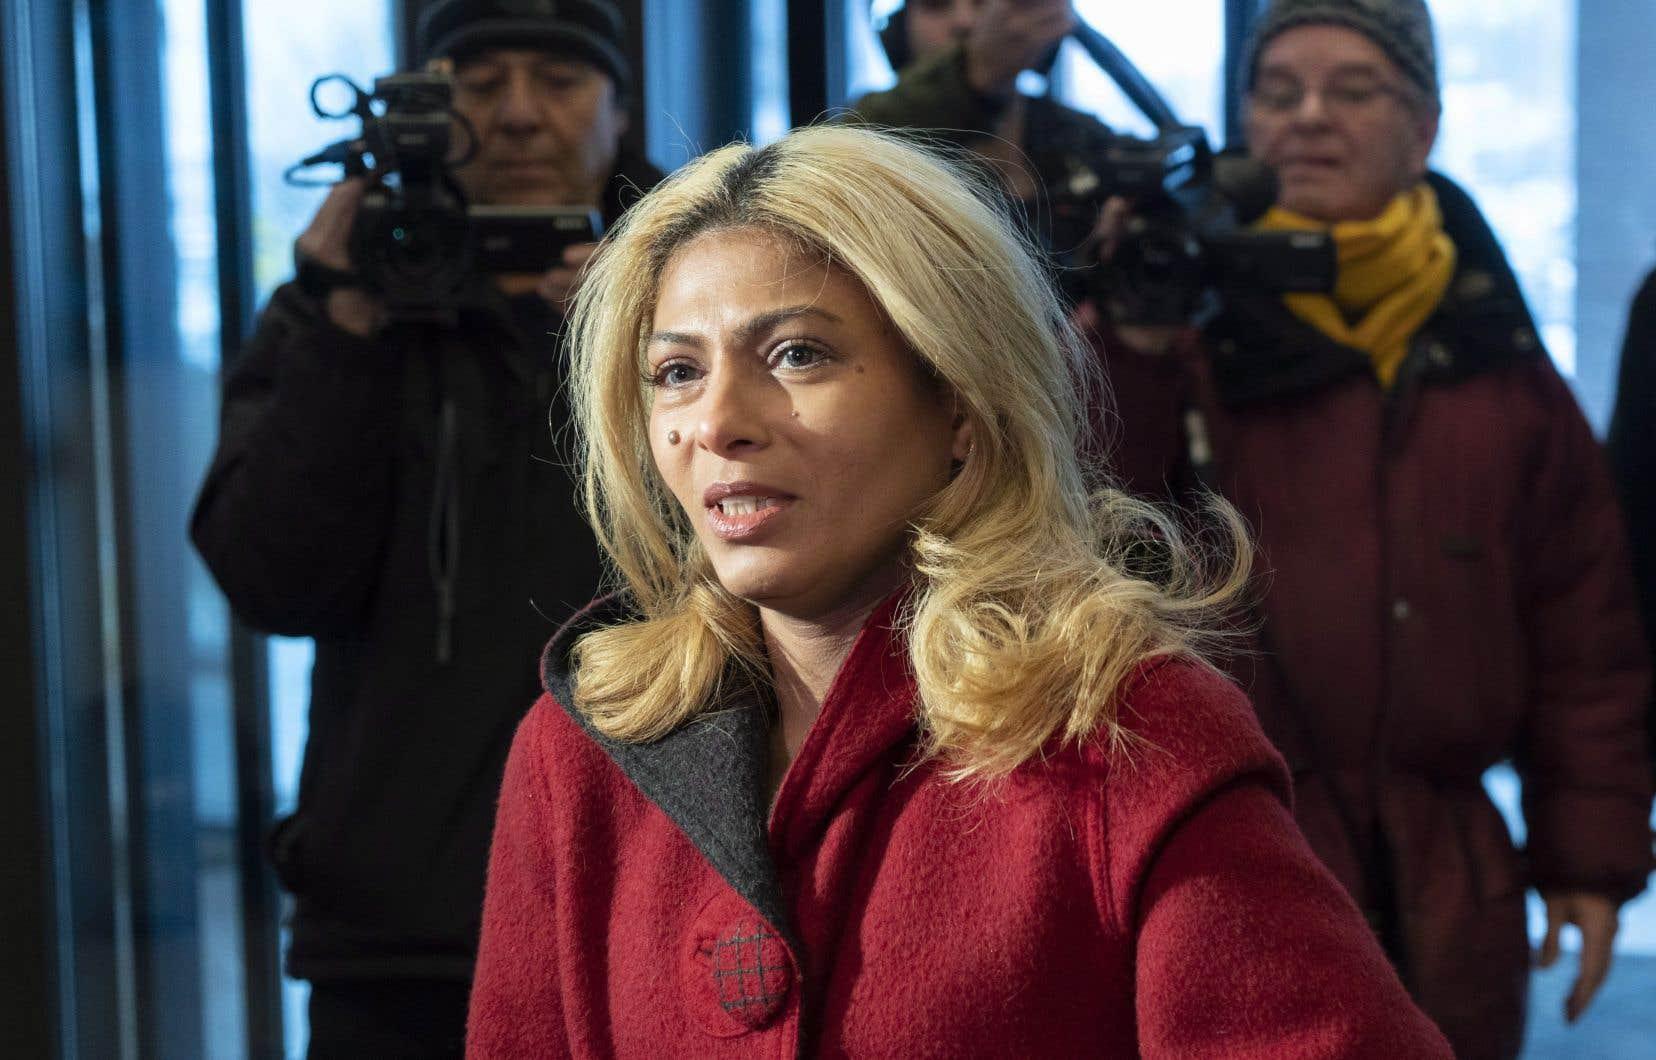 Ensaf Haidar a déclaré jeudi qu'elle aimerait rencontrer le président Donald Trump pour discuter des moyens par lesquels il pourrait favoriser la libération de son mari.